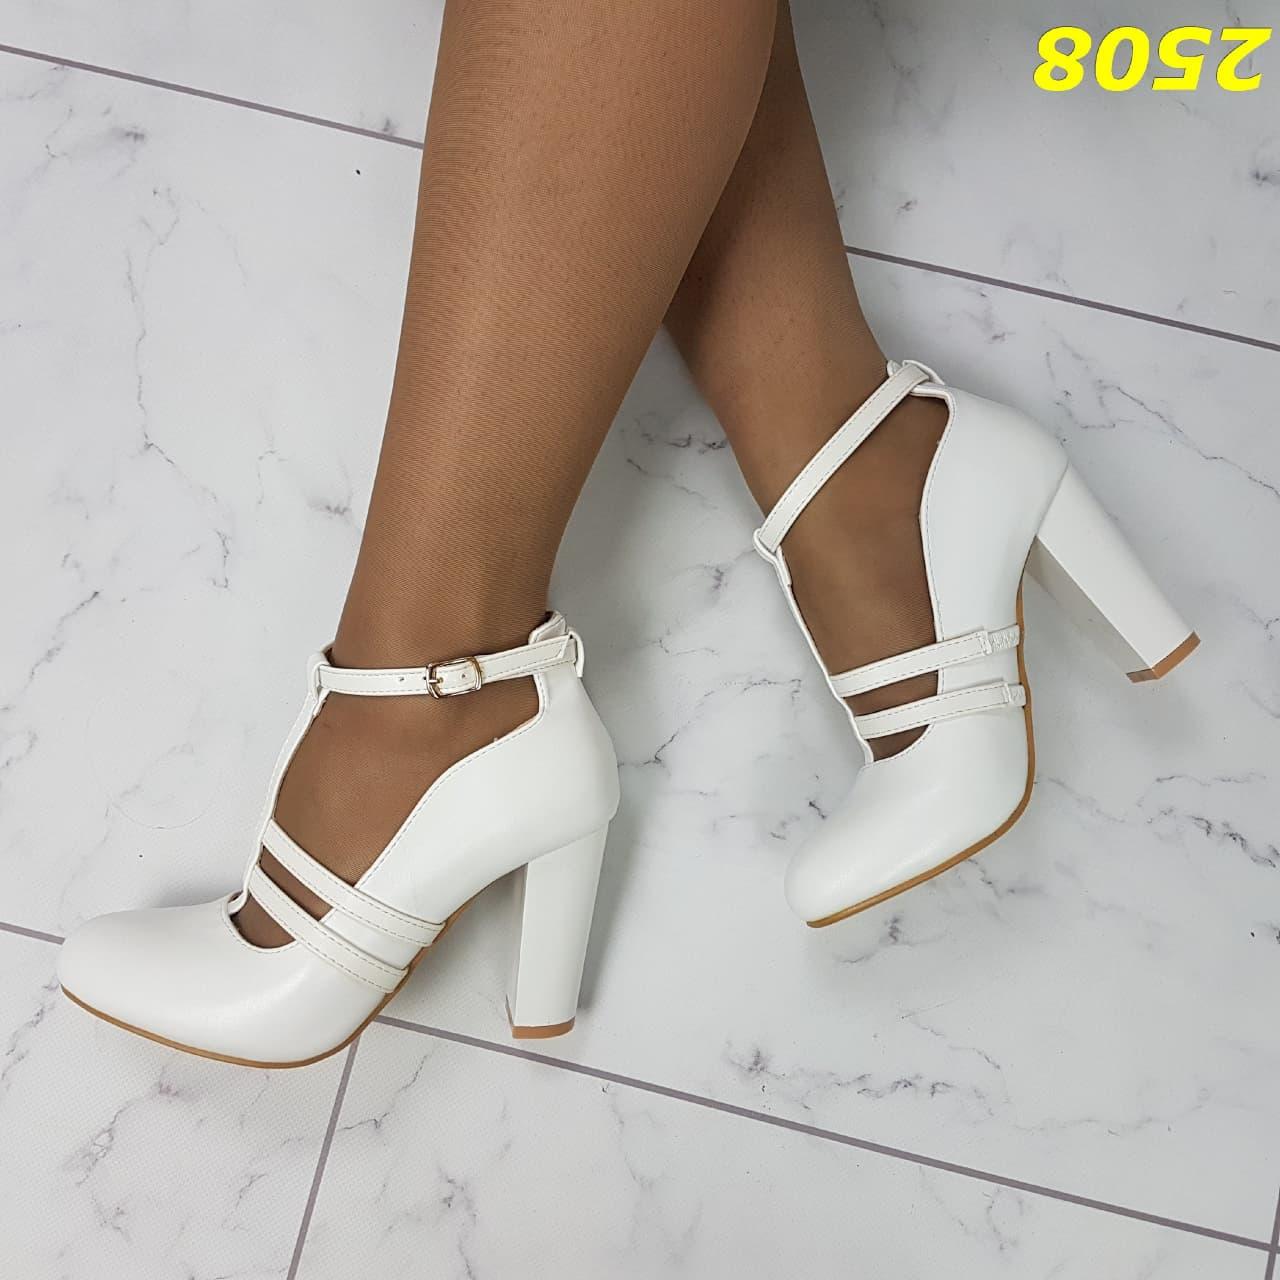 Белые туфли на широком каблуке с ремешком застежко ...